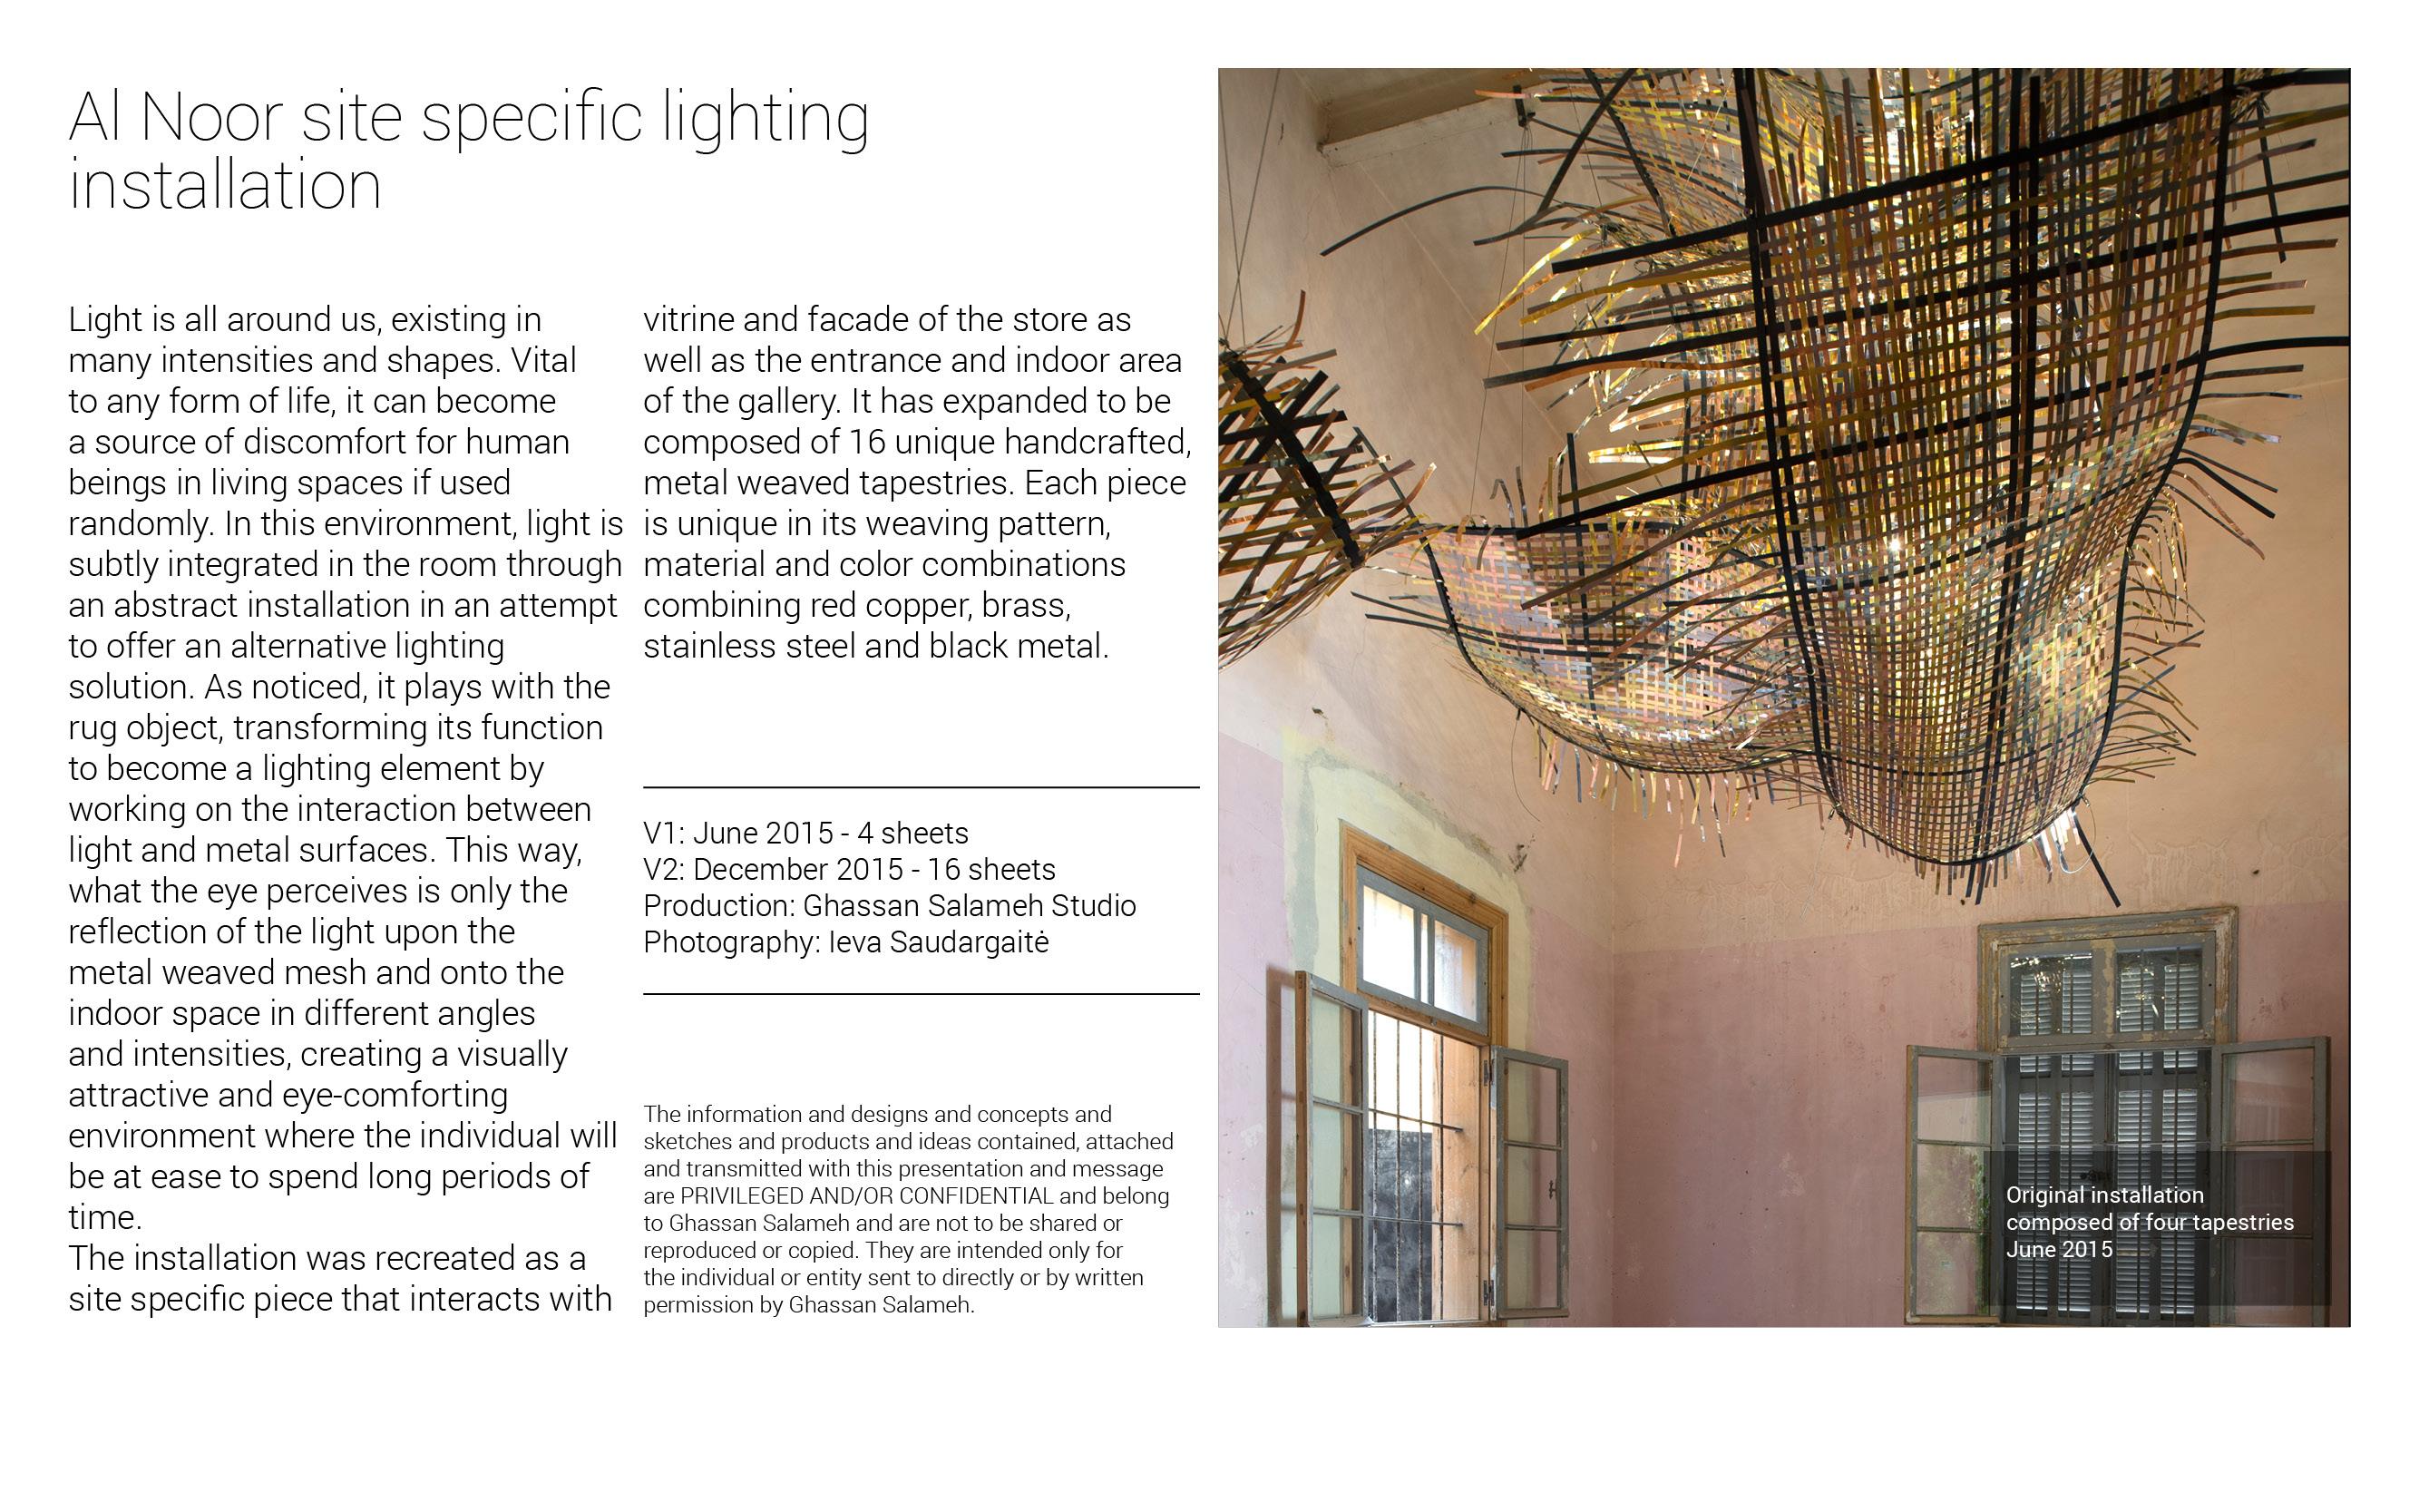 Al noor - Lighting Installation - GSS3